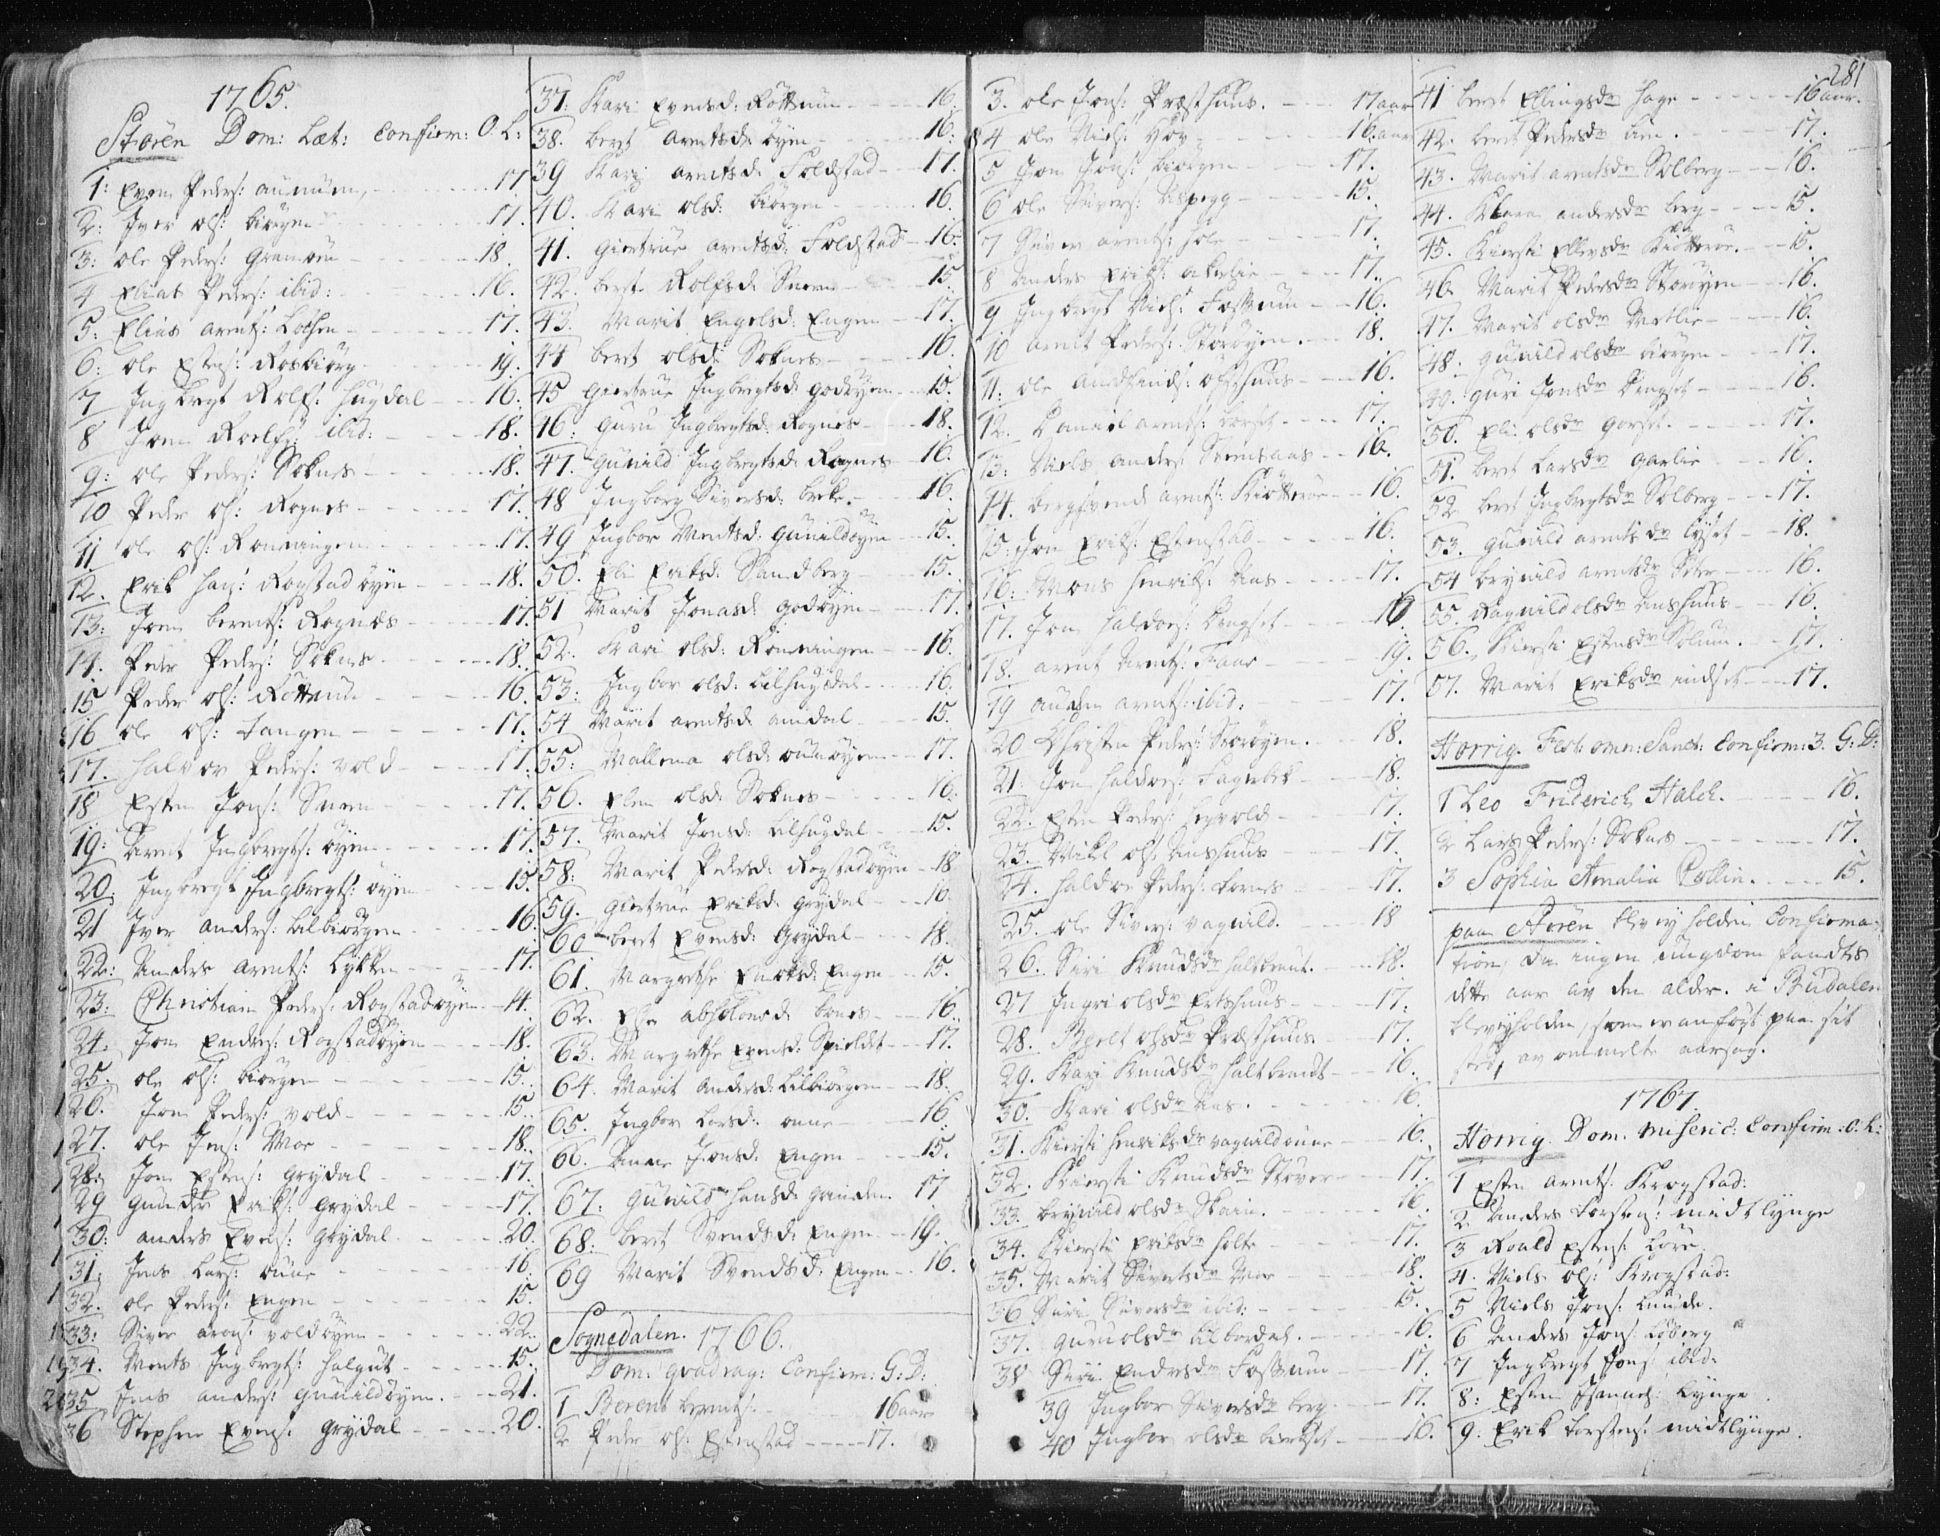 SAT, Ministerialprotokoller, klokkerbøker og fødselsregistre - Sør-Trøndelag, 687/L0991: Ministerialbok nr. 687A02, 1747-1790, s. 281